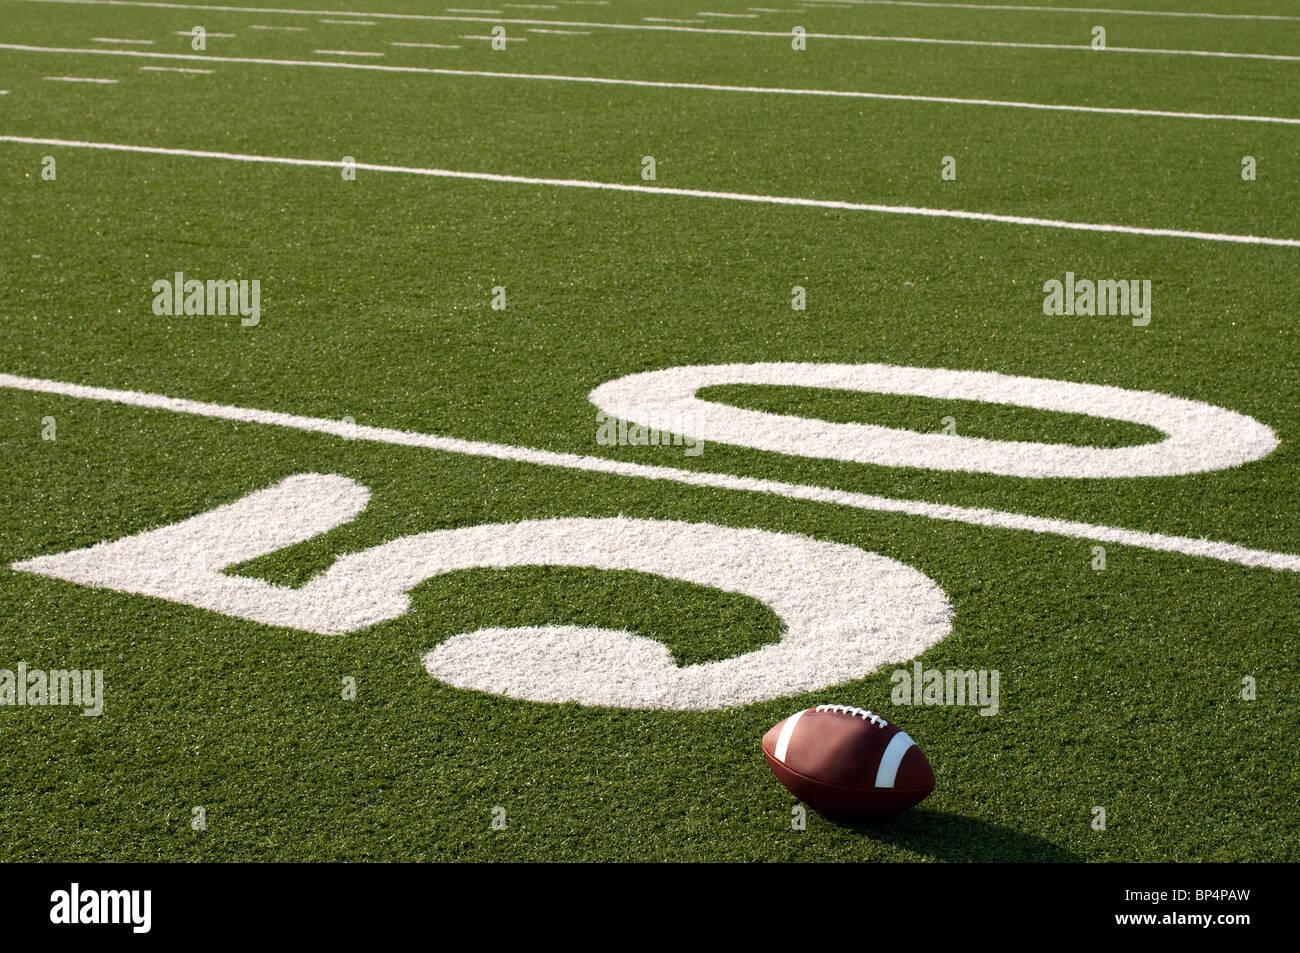 Fútbol americano en el campo junto a la línea de 50 yardas. Imagen De Stock